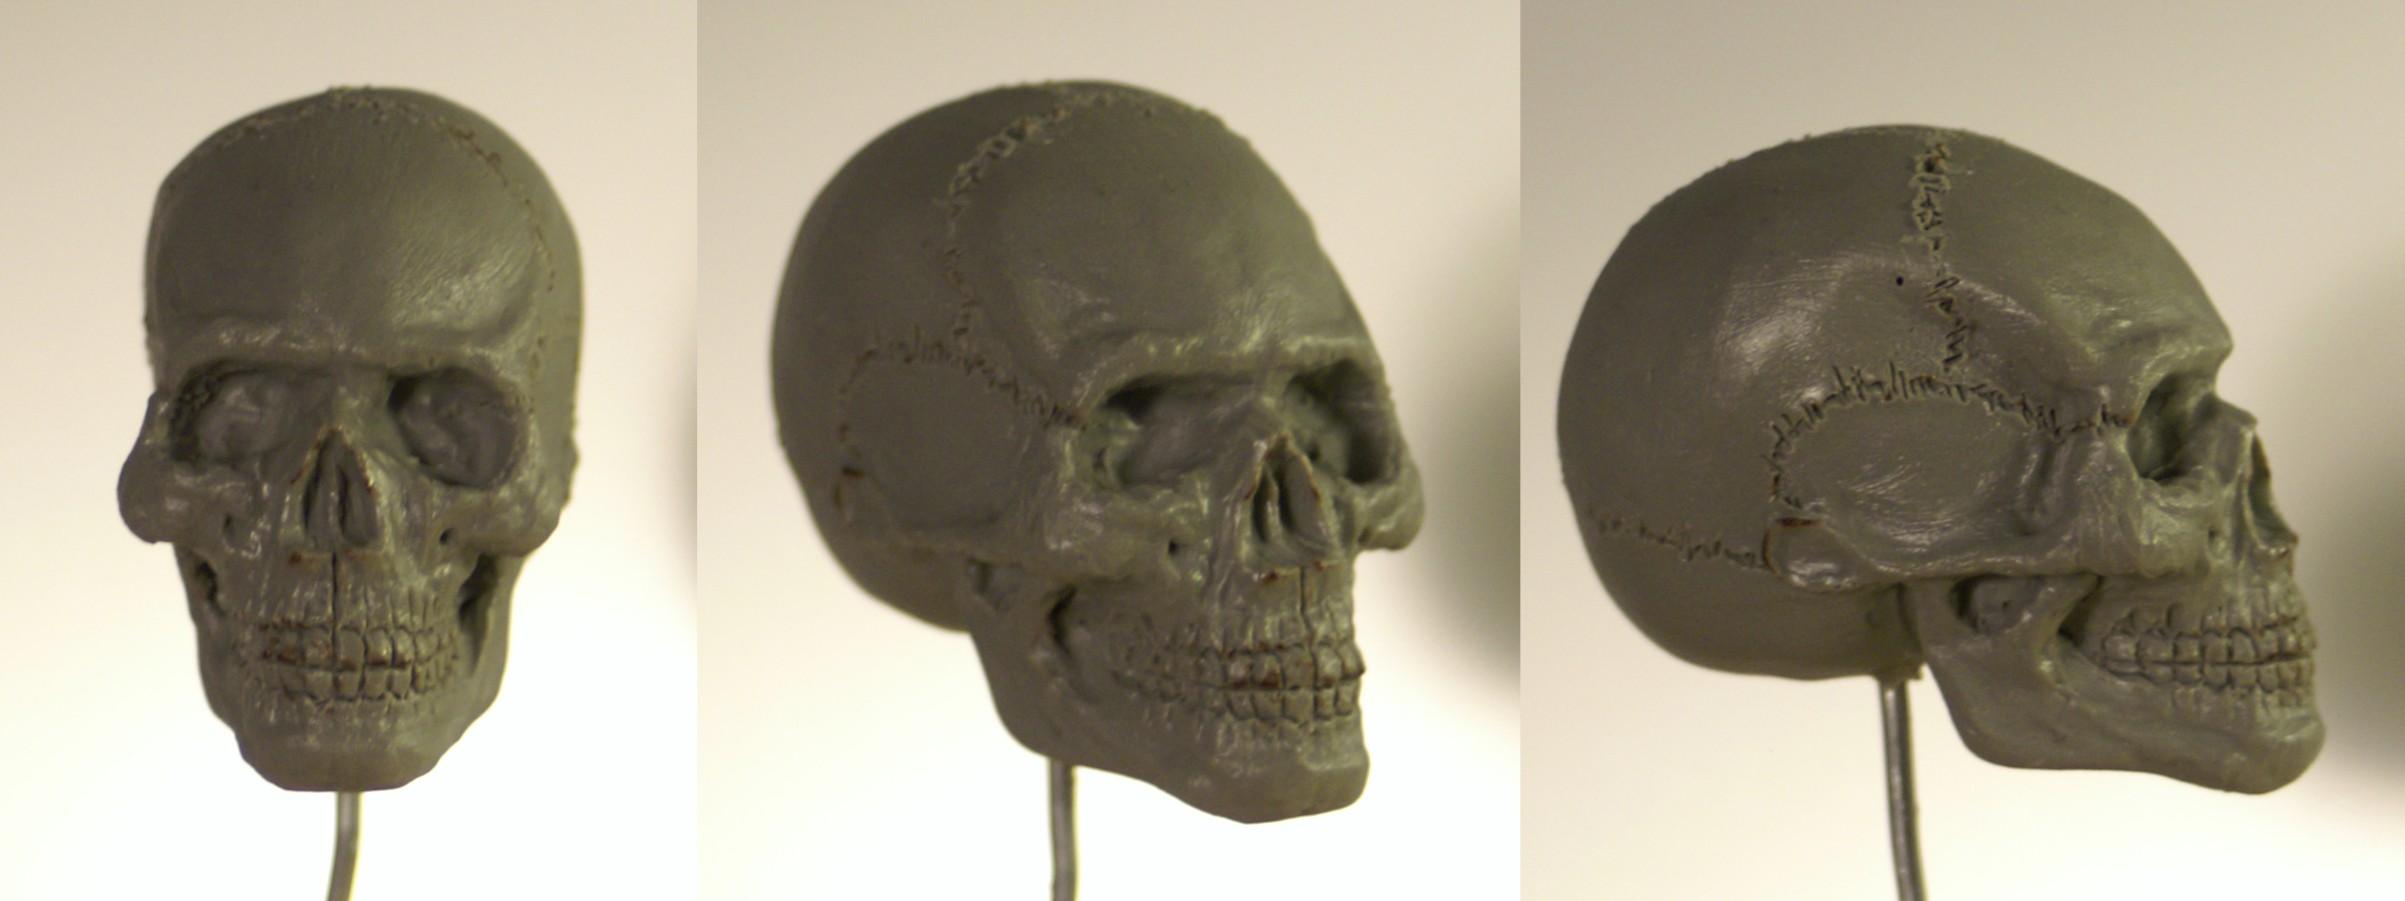 demostox sculpt Crane10